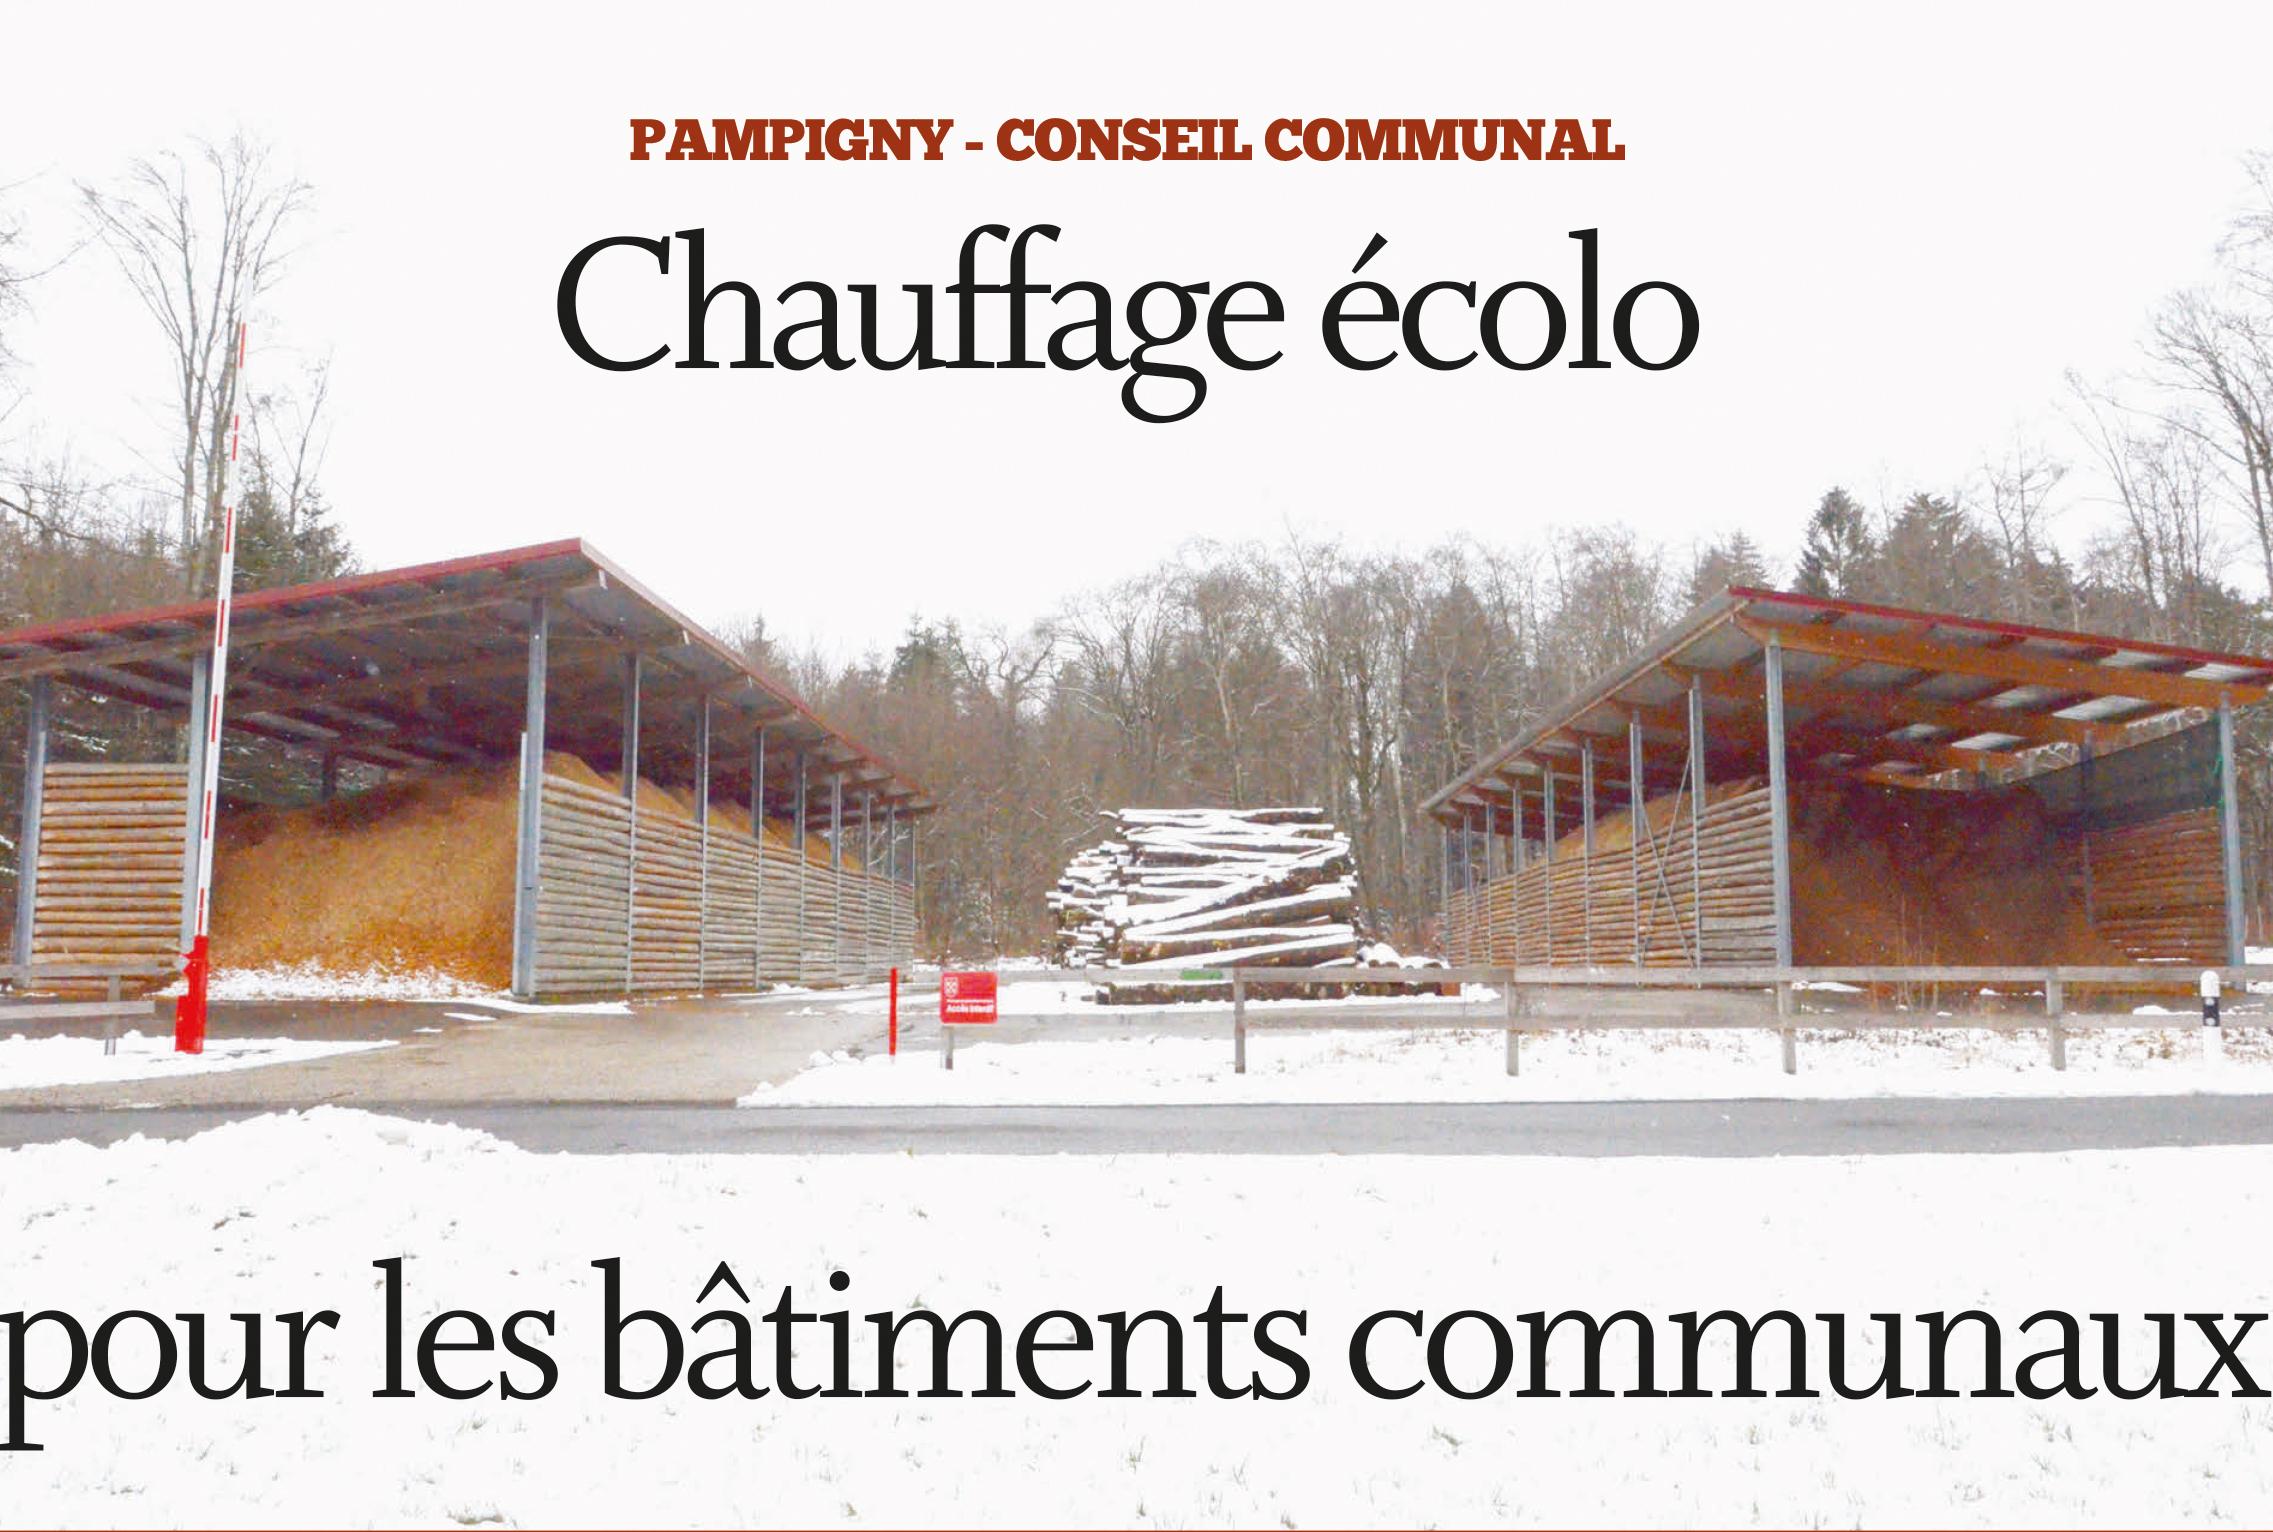 Pampigny – Conseil Communal